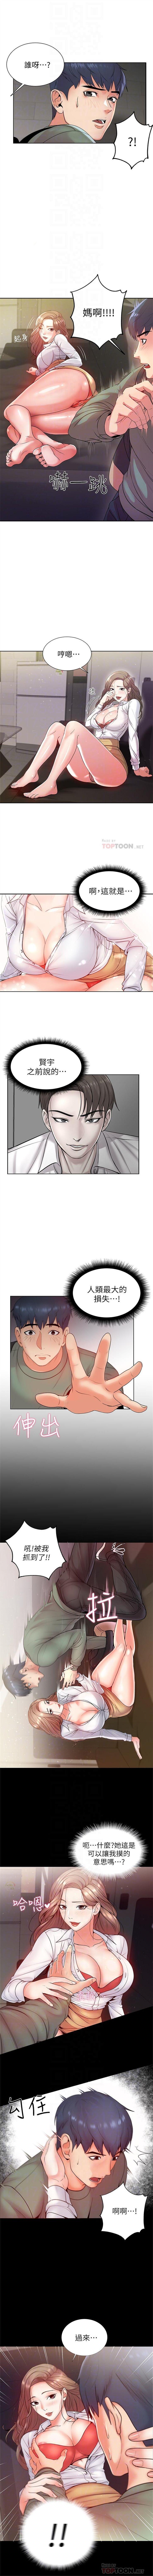 (週3)超市的漂亮姐姐 1-22 中文翻譯(更新中) 31